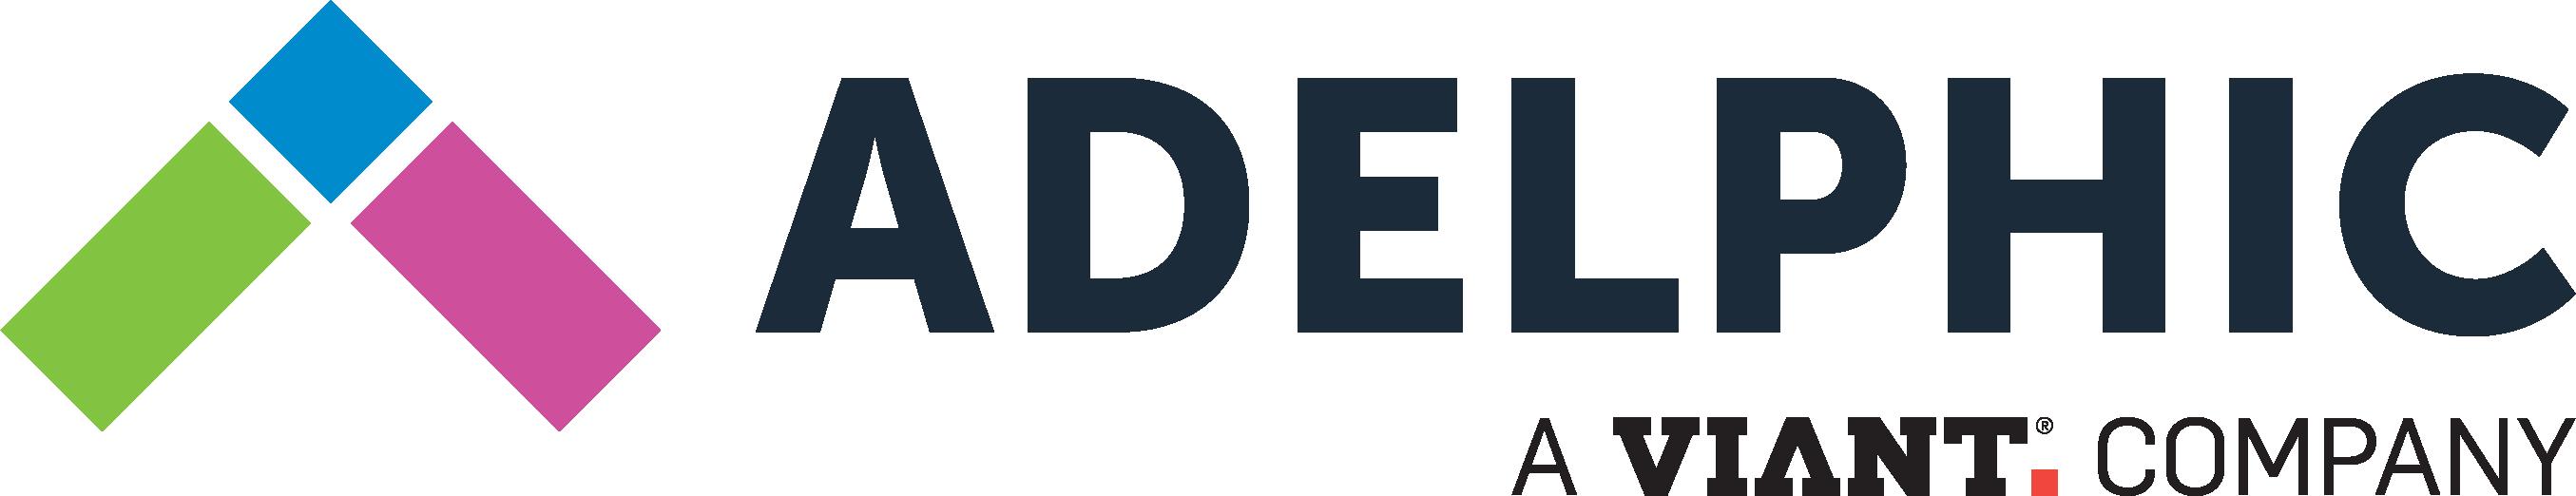 AdelphicViant-Logo